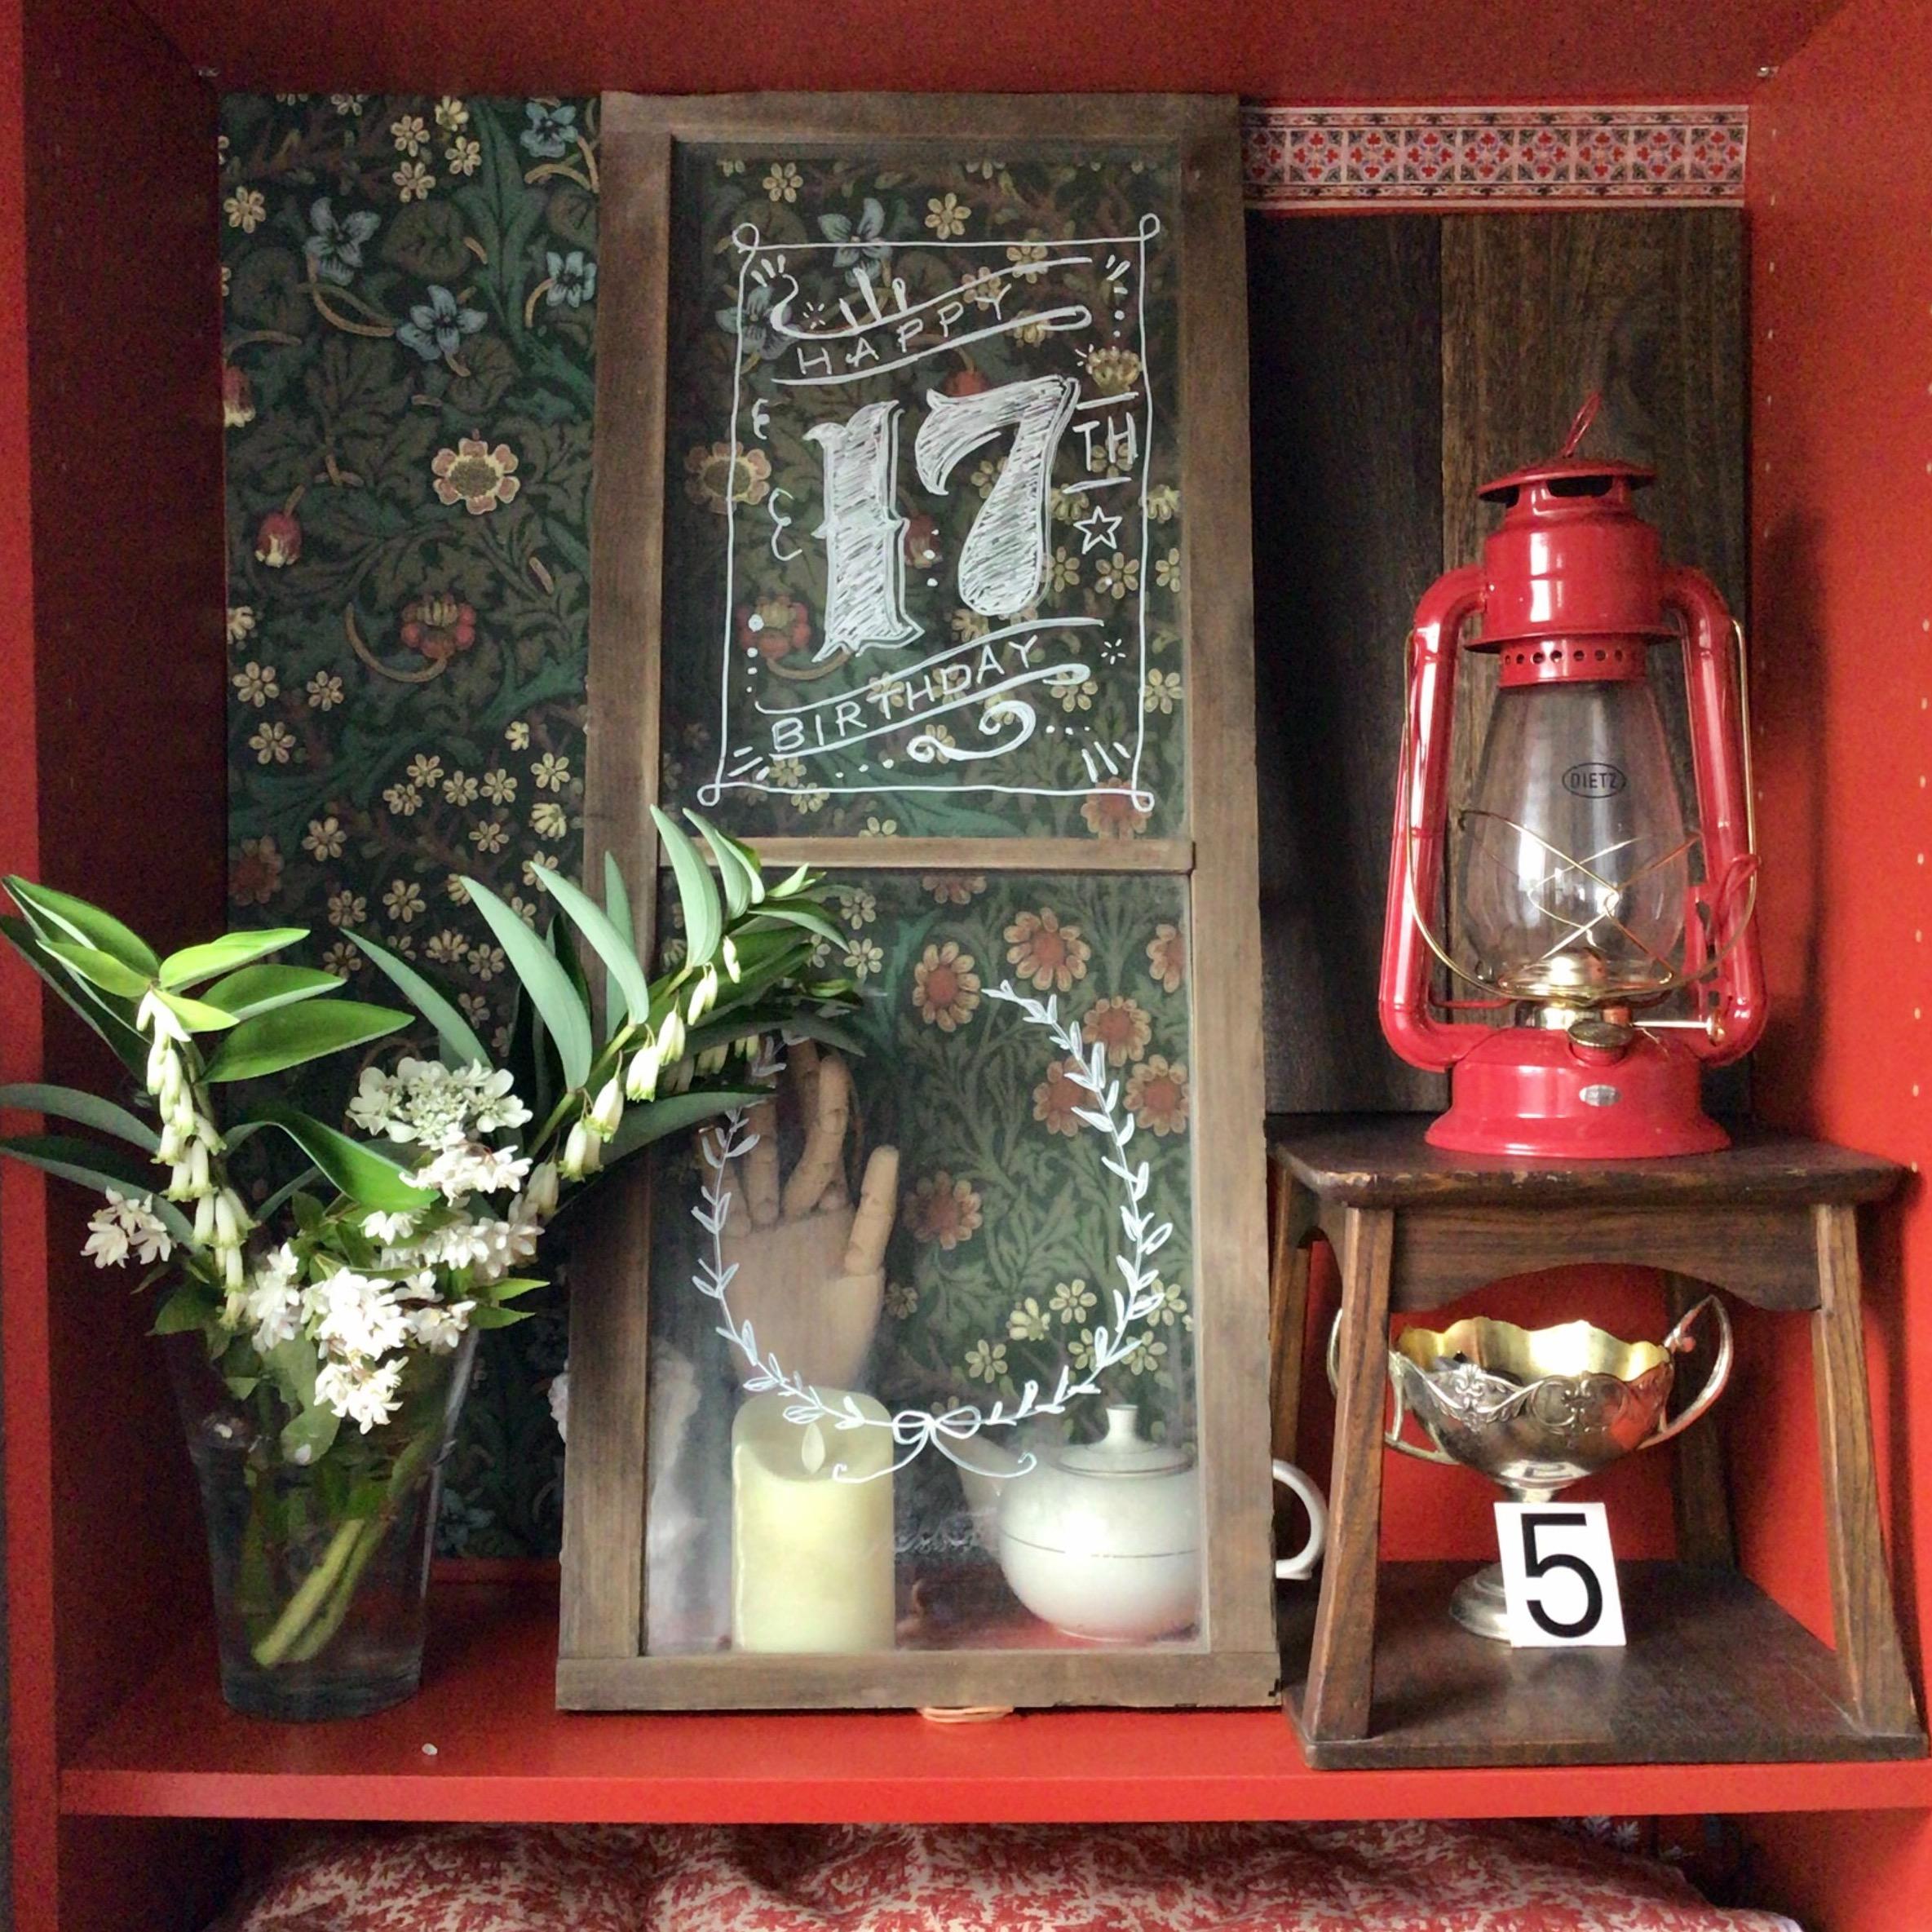 モリス壁紙/赤い棚ビリー/レースフラワー/ナルコユリ/ヒメウツギ...などのインテリア実例 - 2021-04-23 21:15:15